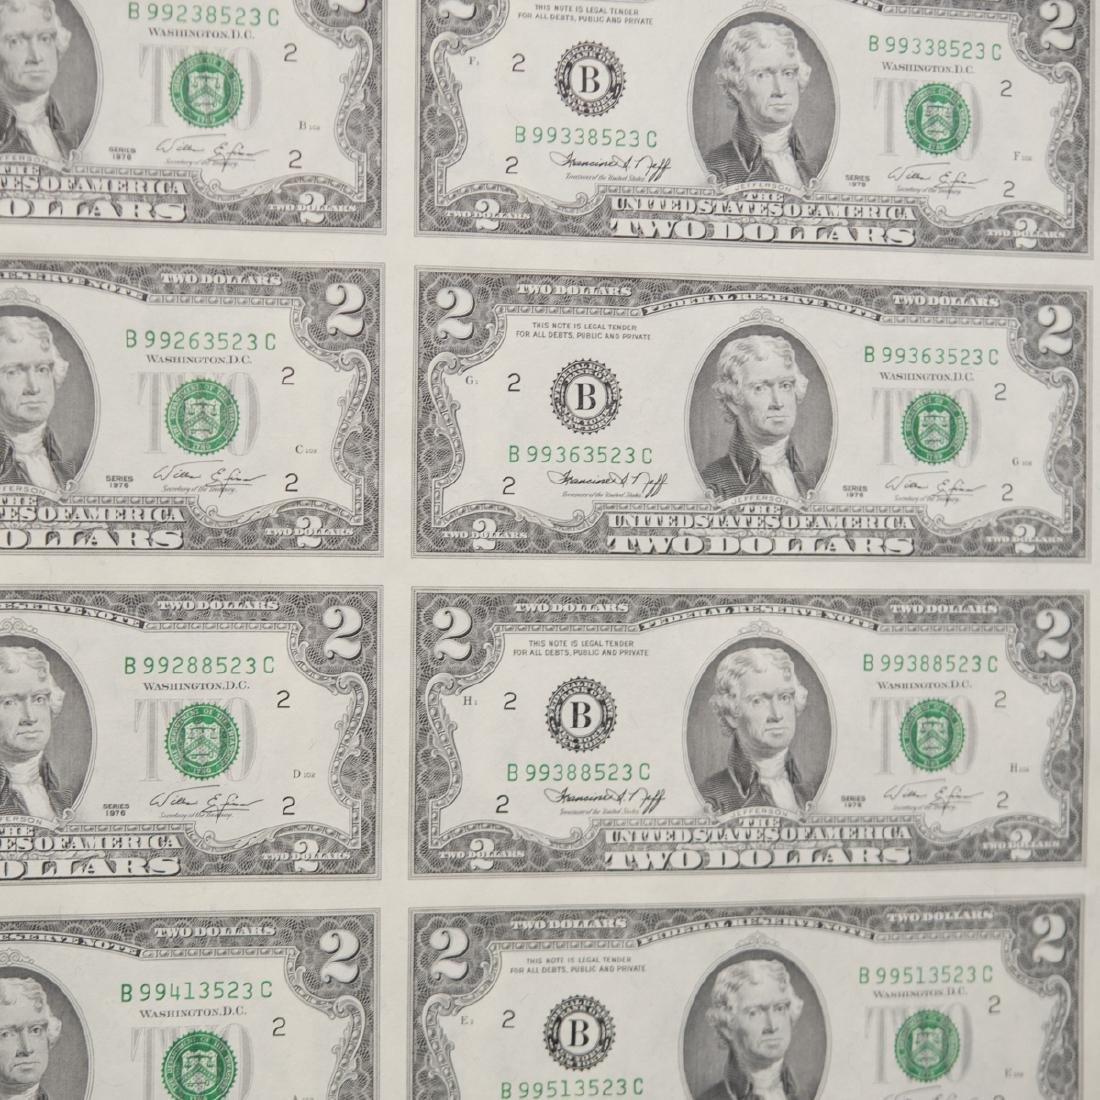 1976 Uncut $2.00 Bills - 6